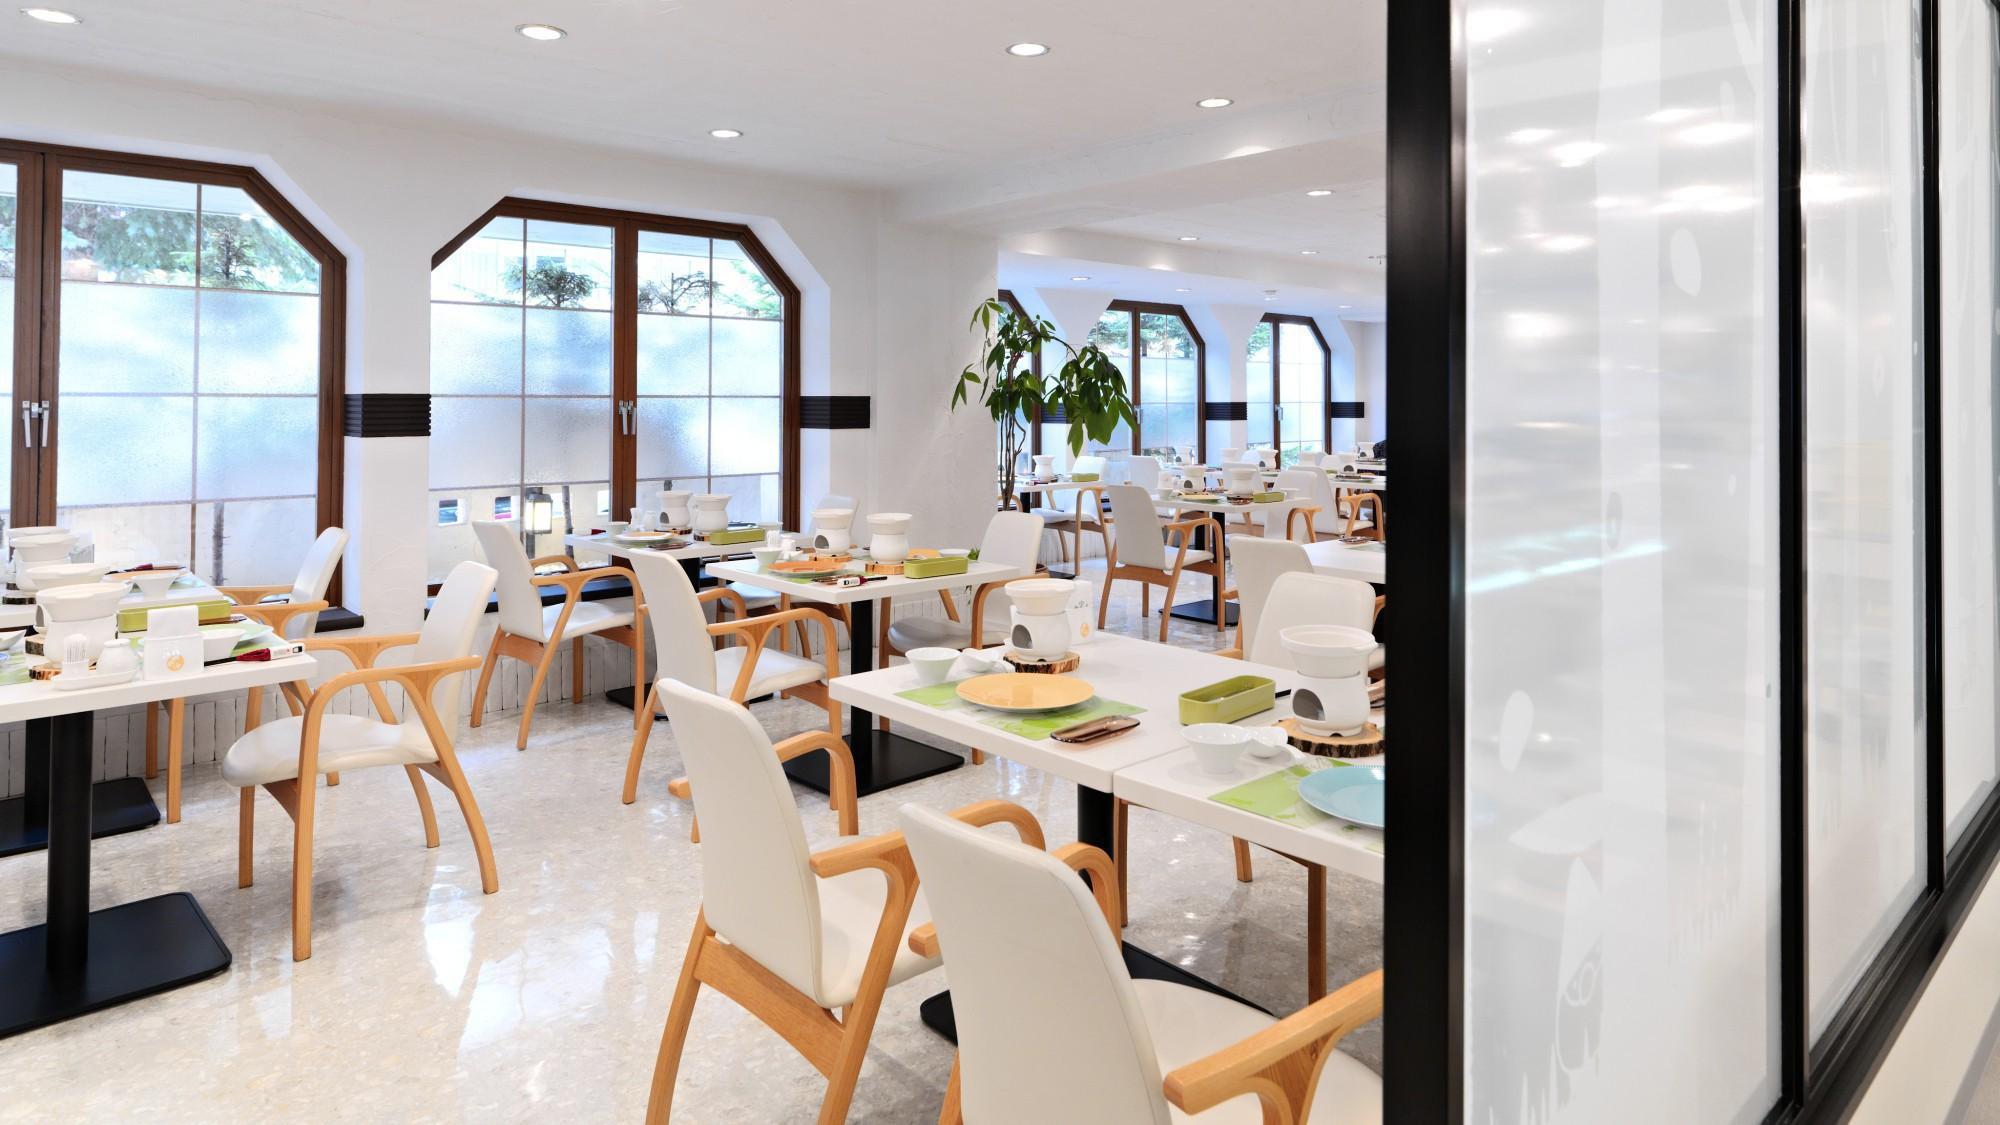 バイキングレストラン/花ビュッフェ「ハーモニー」。白を基調とした、明るく華やかな空間です!